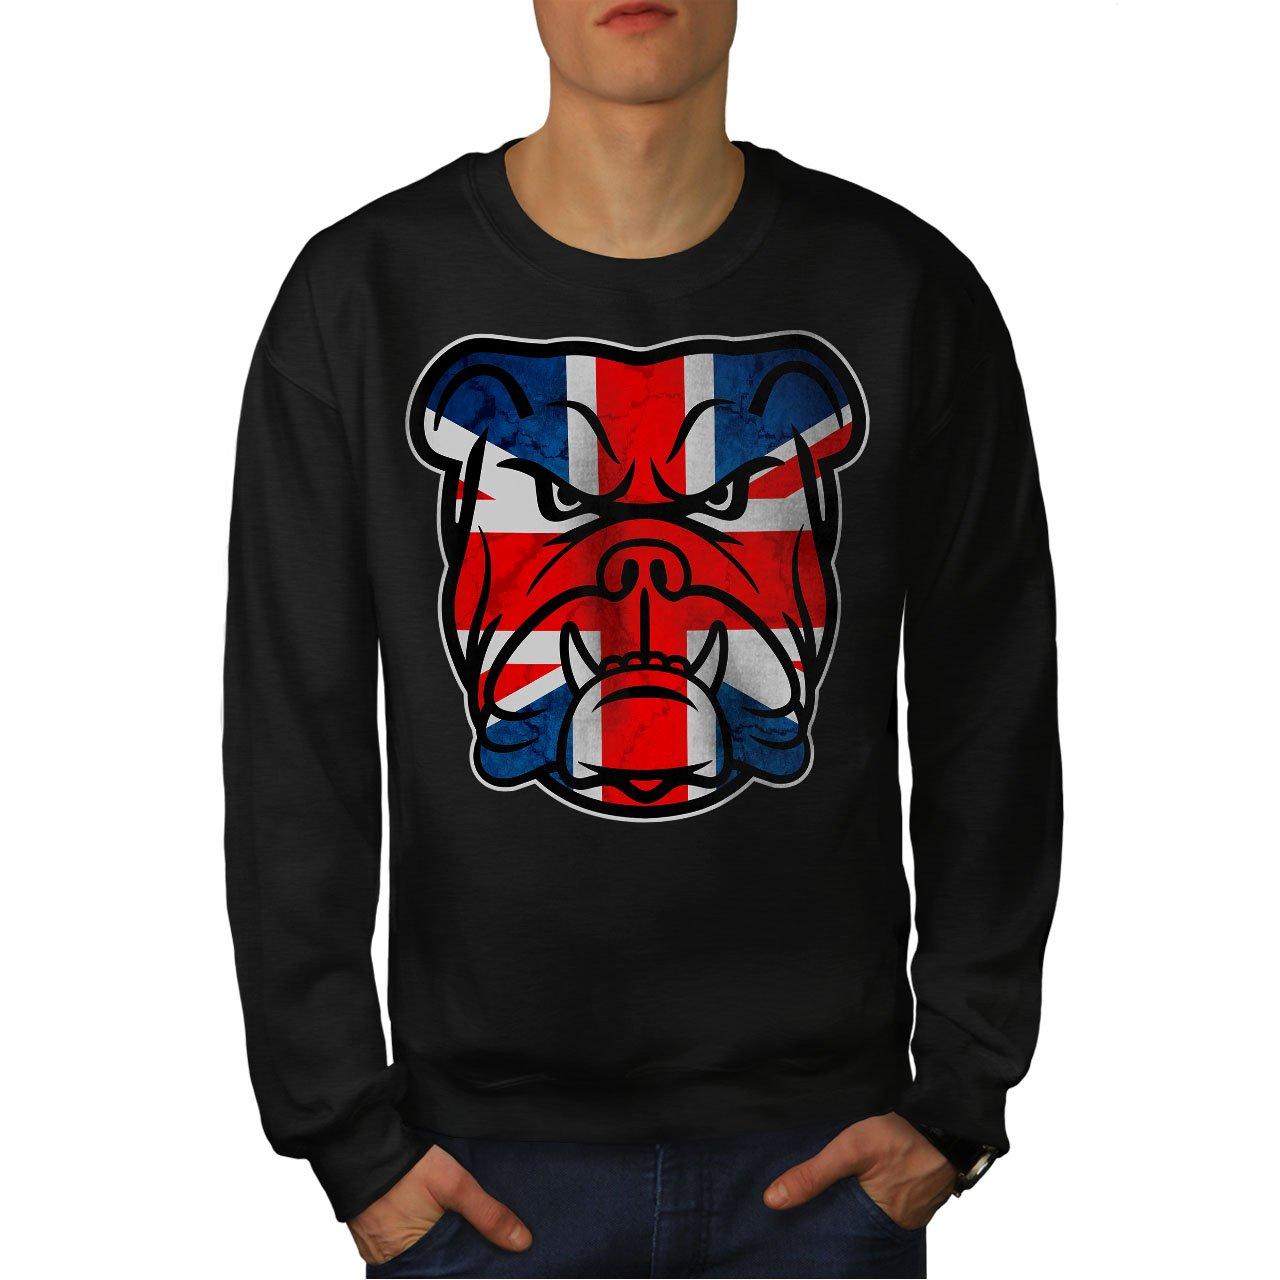 Puppy Casual Jumper wellcoda Brittish Bull Dog Flag Mens Sweatshirt